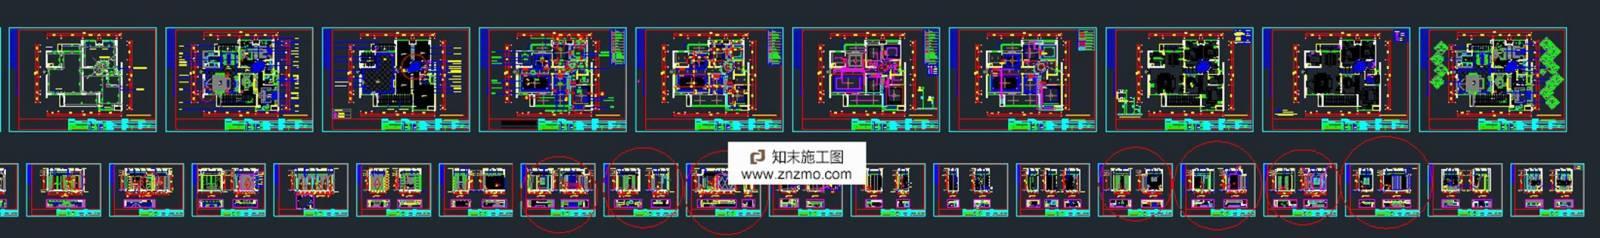 史上最全整理,200多套完整家装施工图含效果图施工图下载【ID:36929661】